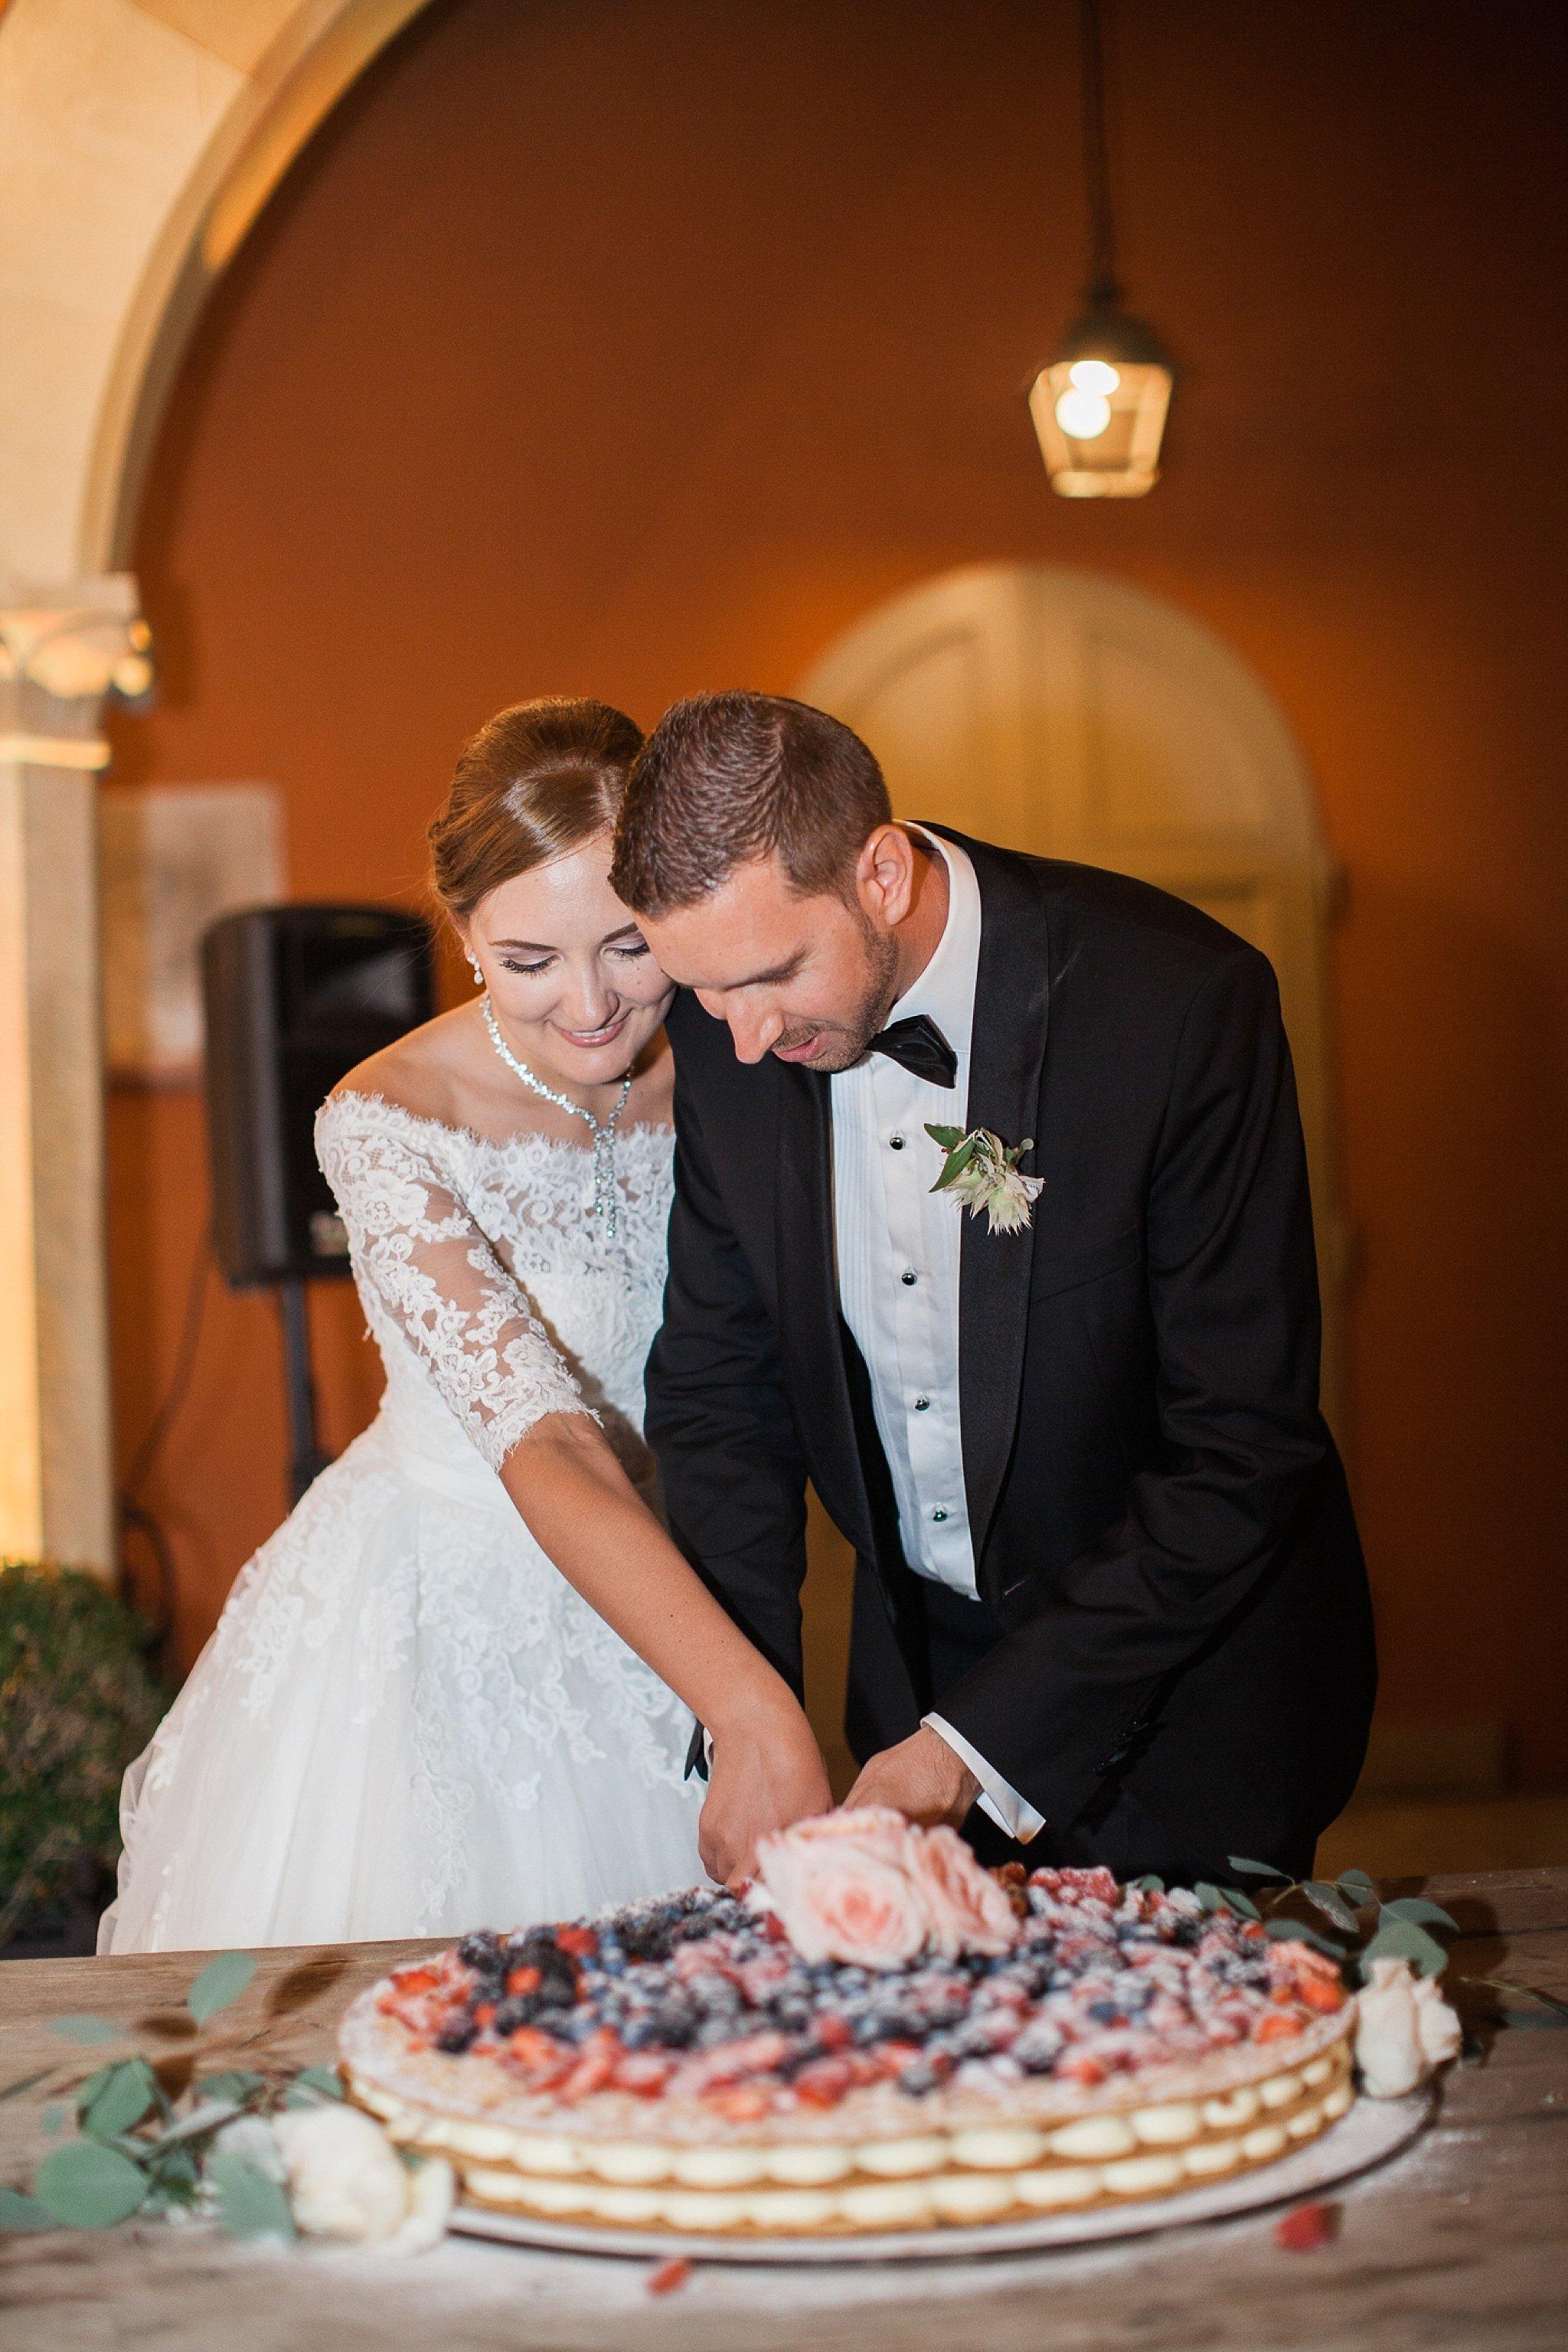 couple-cutting-wedding-cake